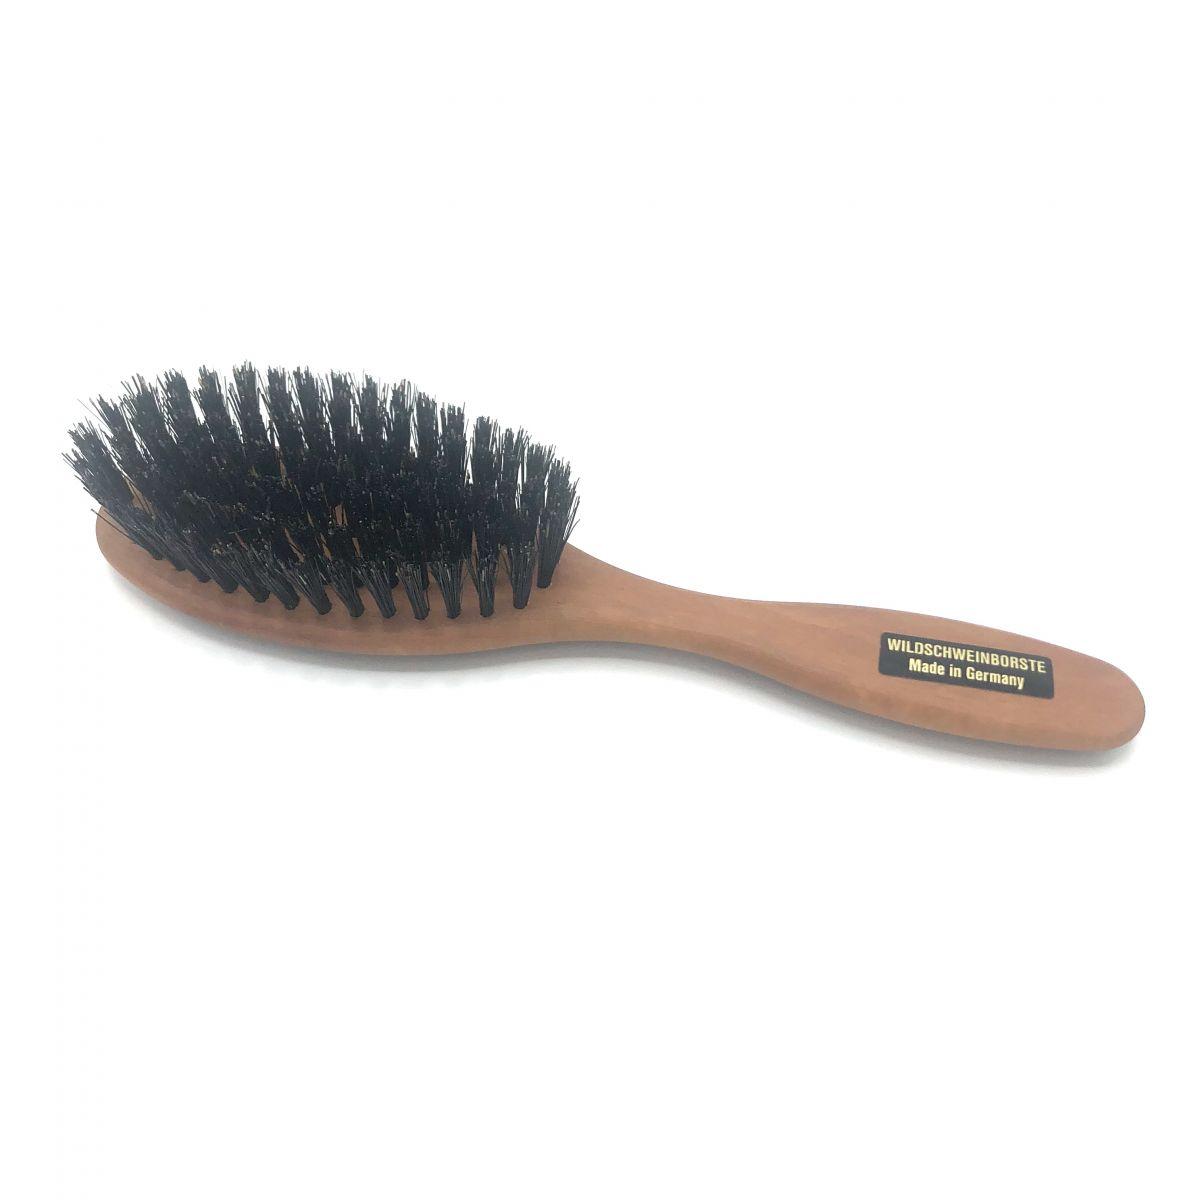 Haarbürste klein oval mit festen Wildschweinborsten